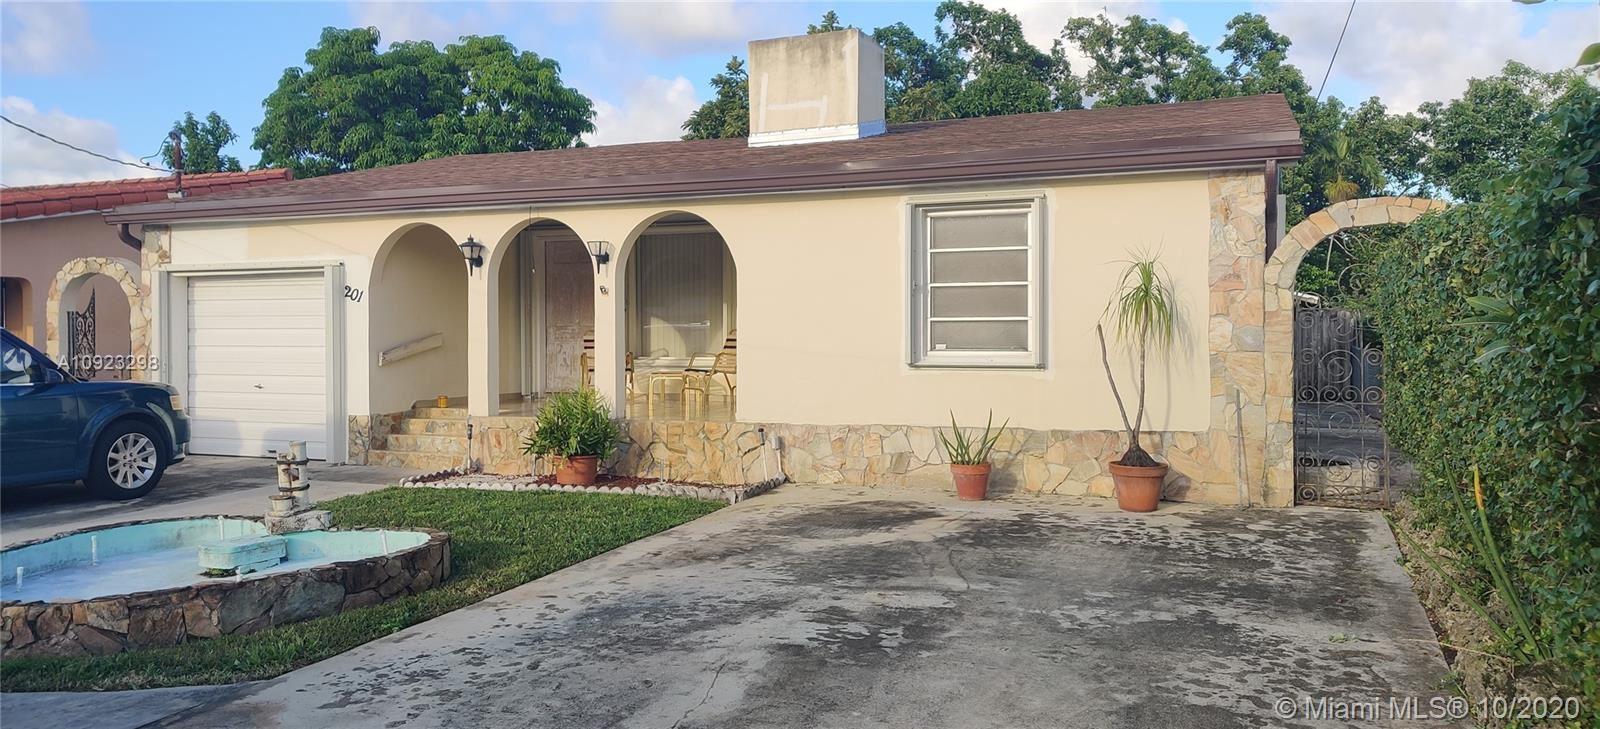 201 SW 48th Ct, Miami, FL 33134 - #: A10923298